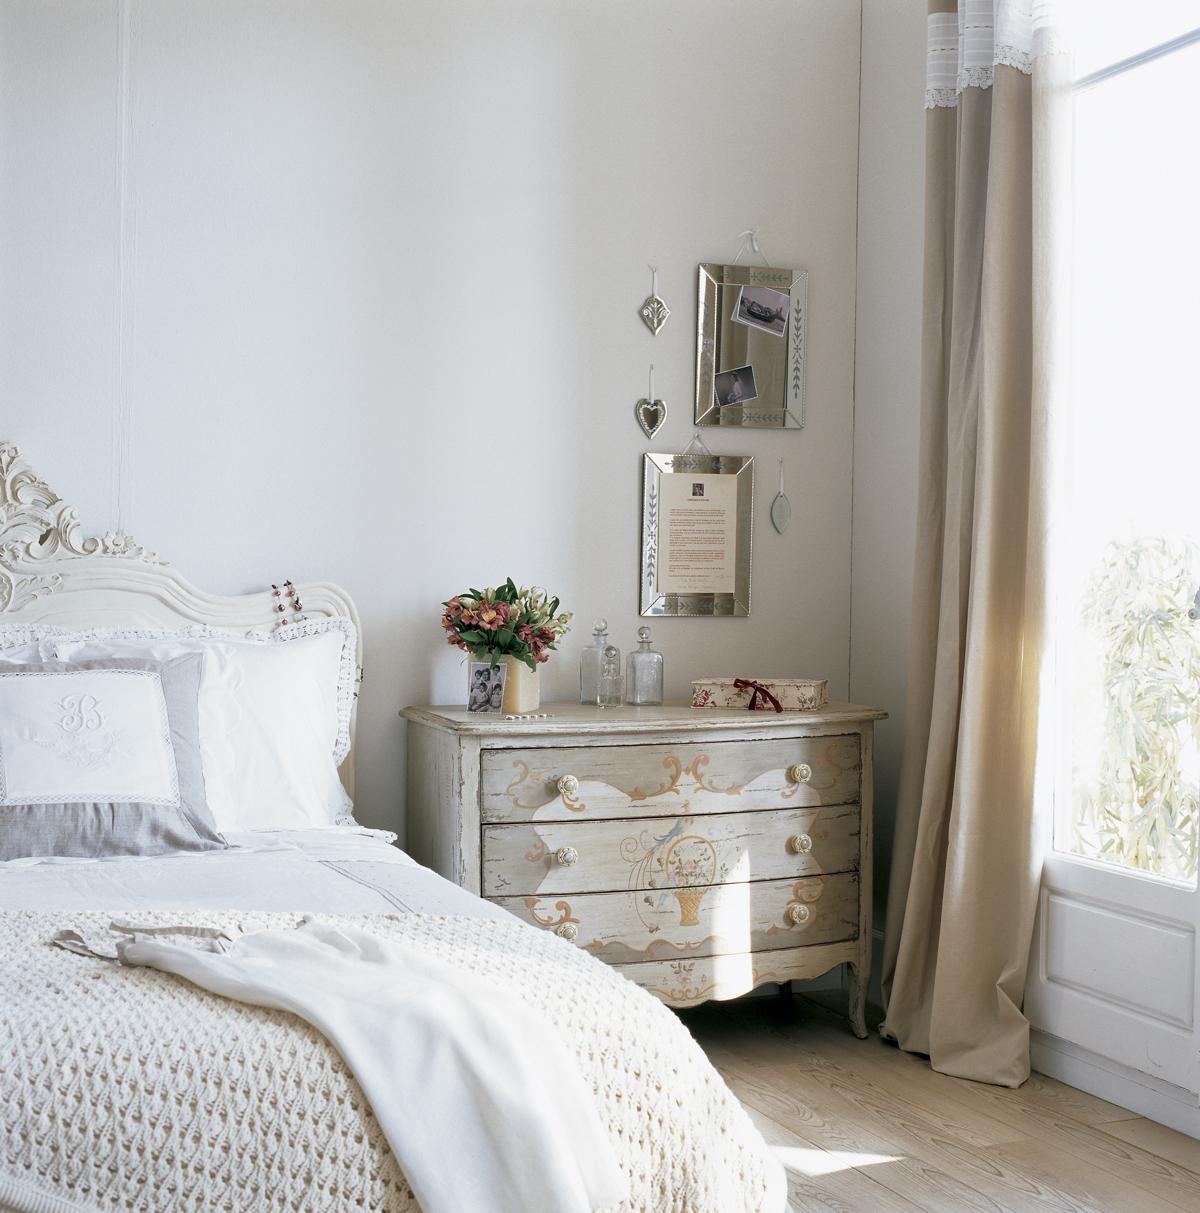 Muebles pintados gana vida y color for Donde venden espejos